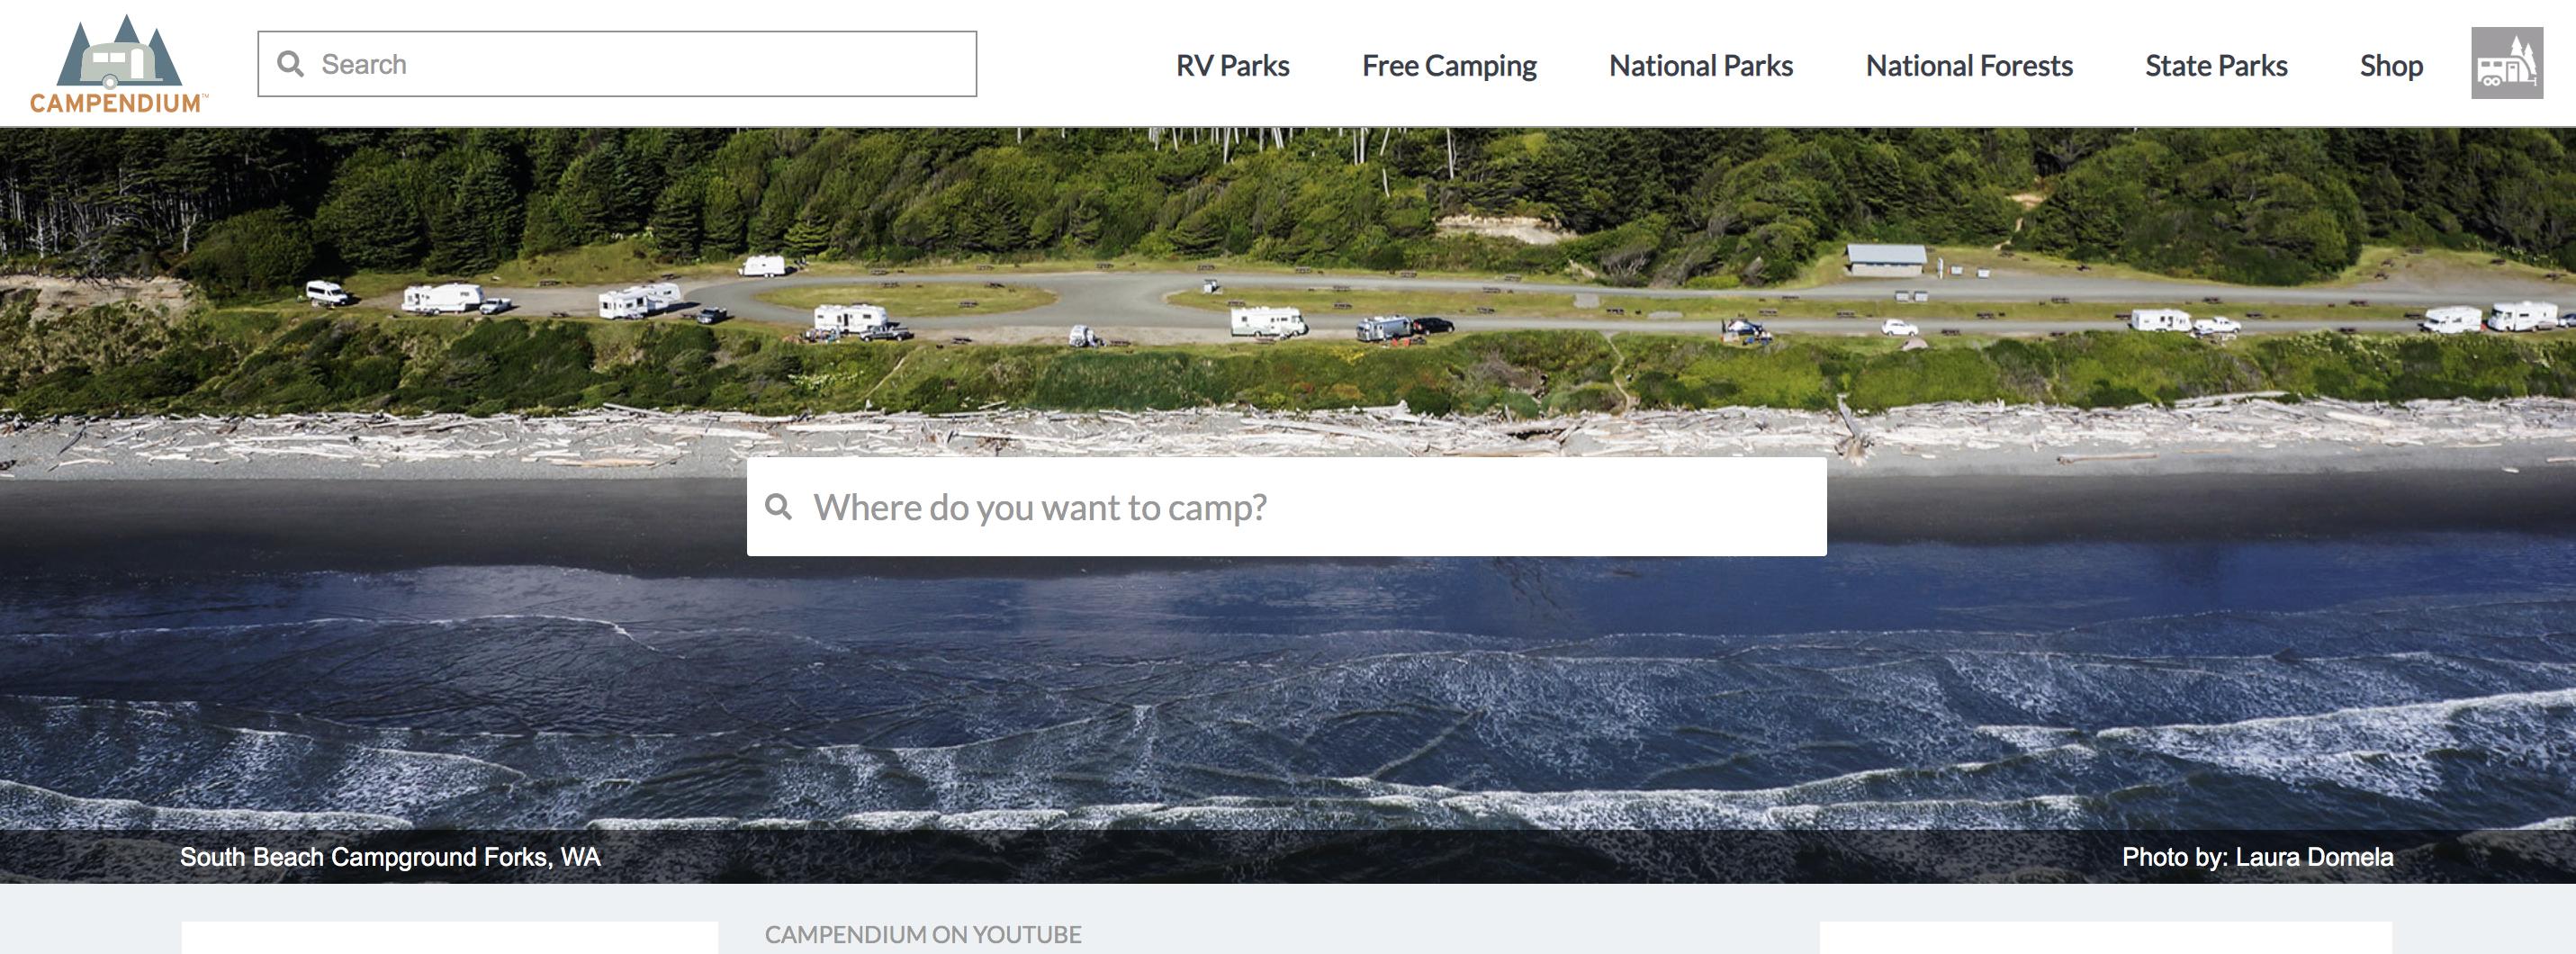 Campendium Website